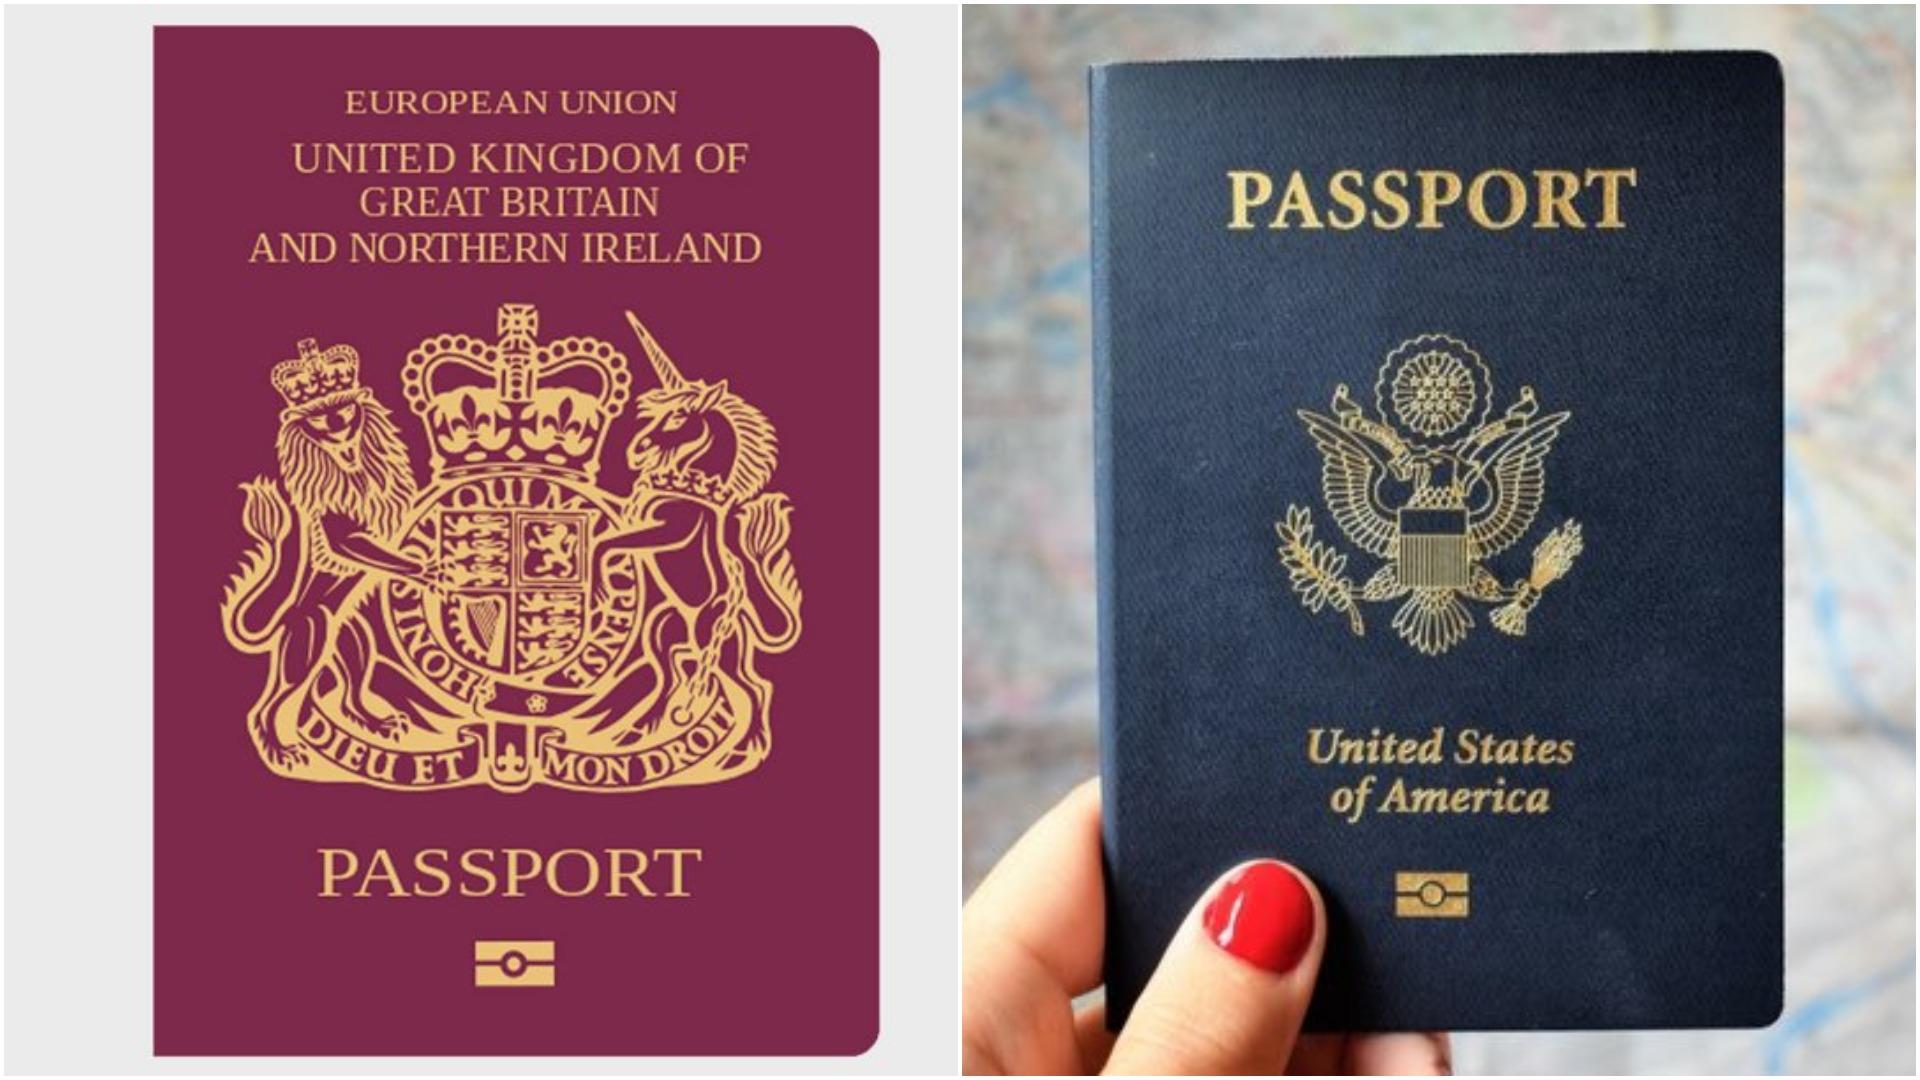 АНУ Дэлхийн хамгийн хүчирхэг гадаад паспорт